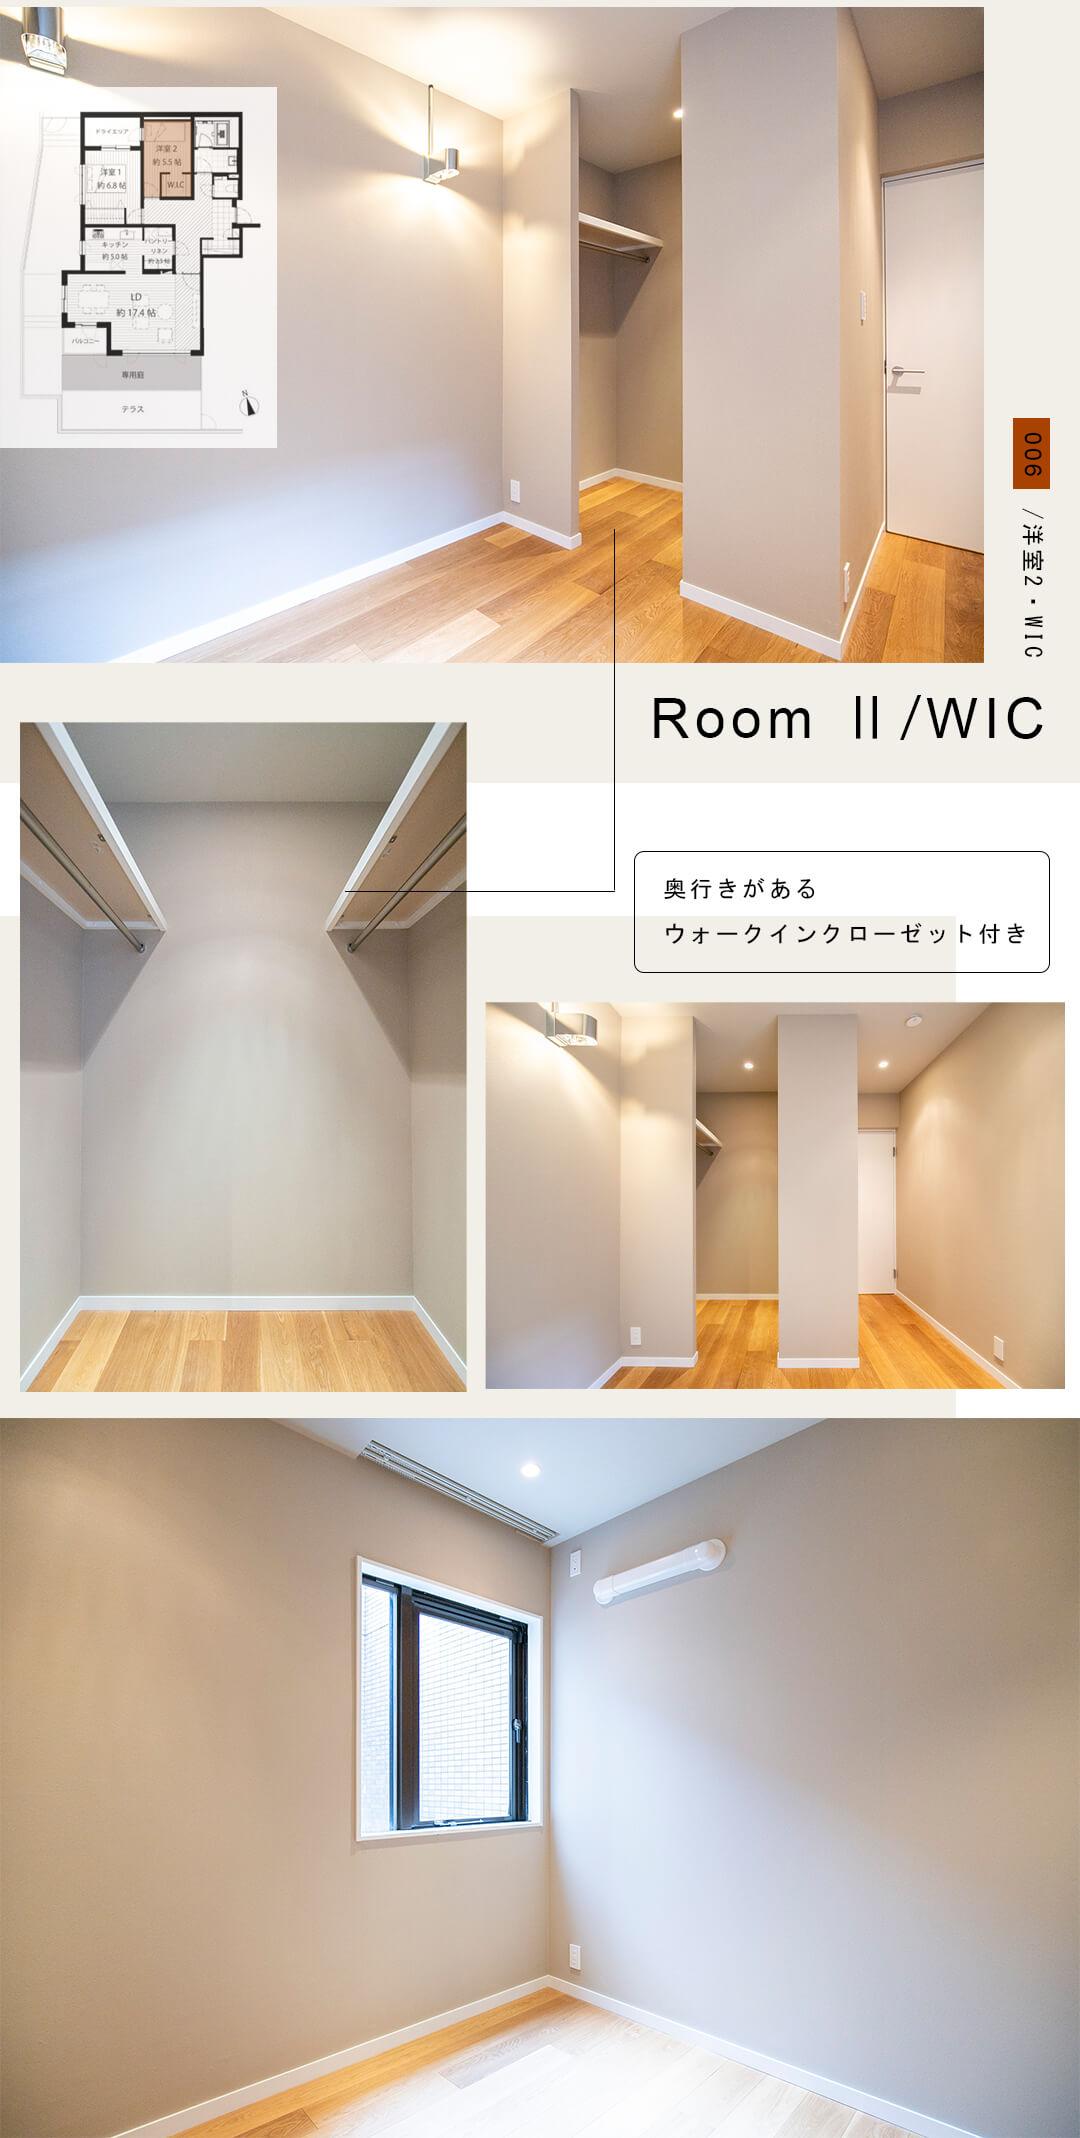 006洋室2,Room Ⅱ,WIC